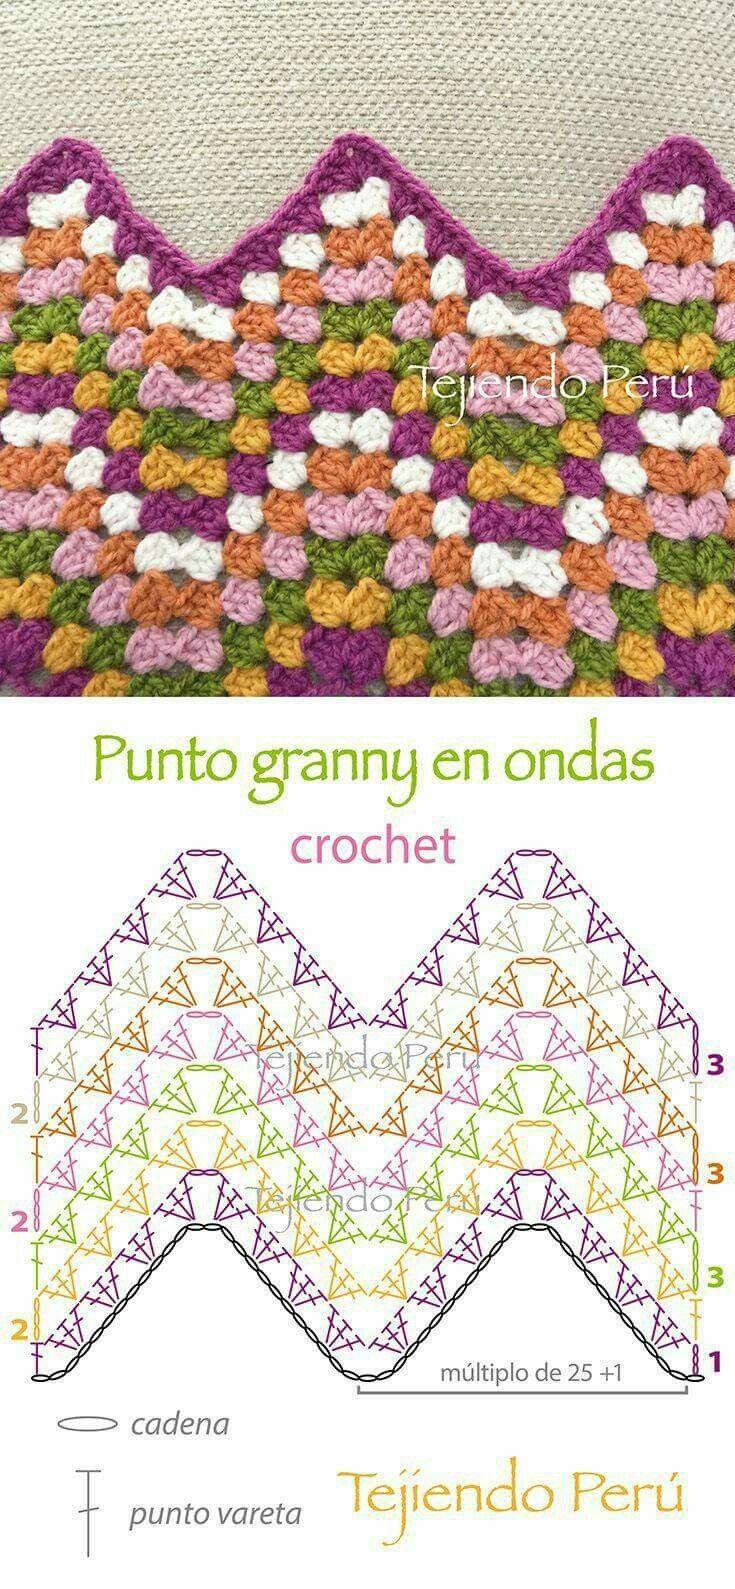 Pin by Devon Mance on crochet | Pinterest | Crochet, Crochet ...